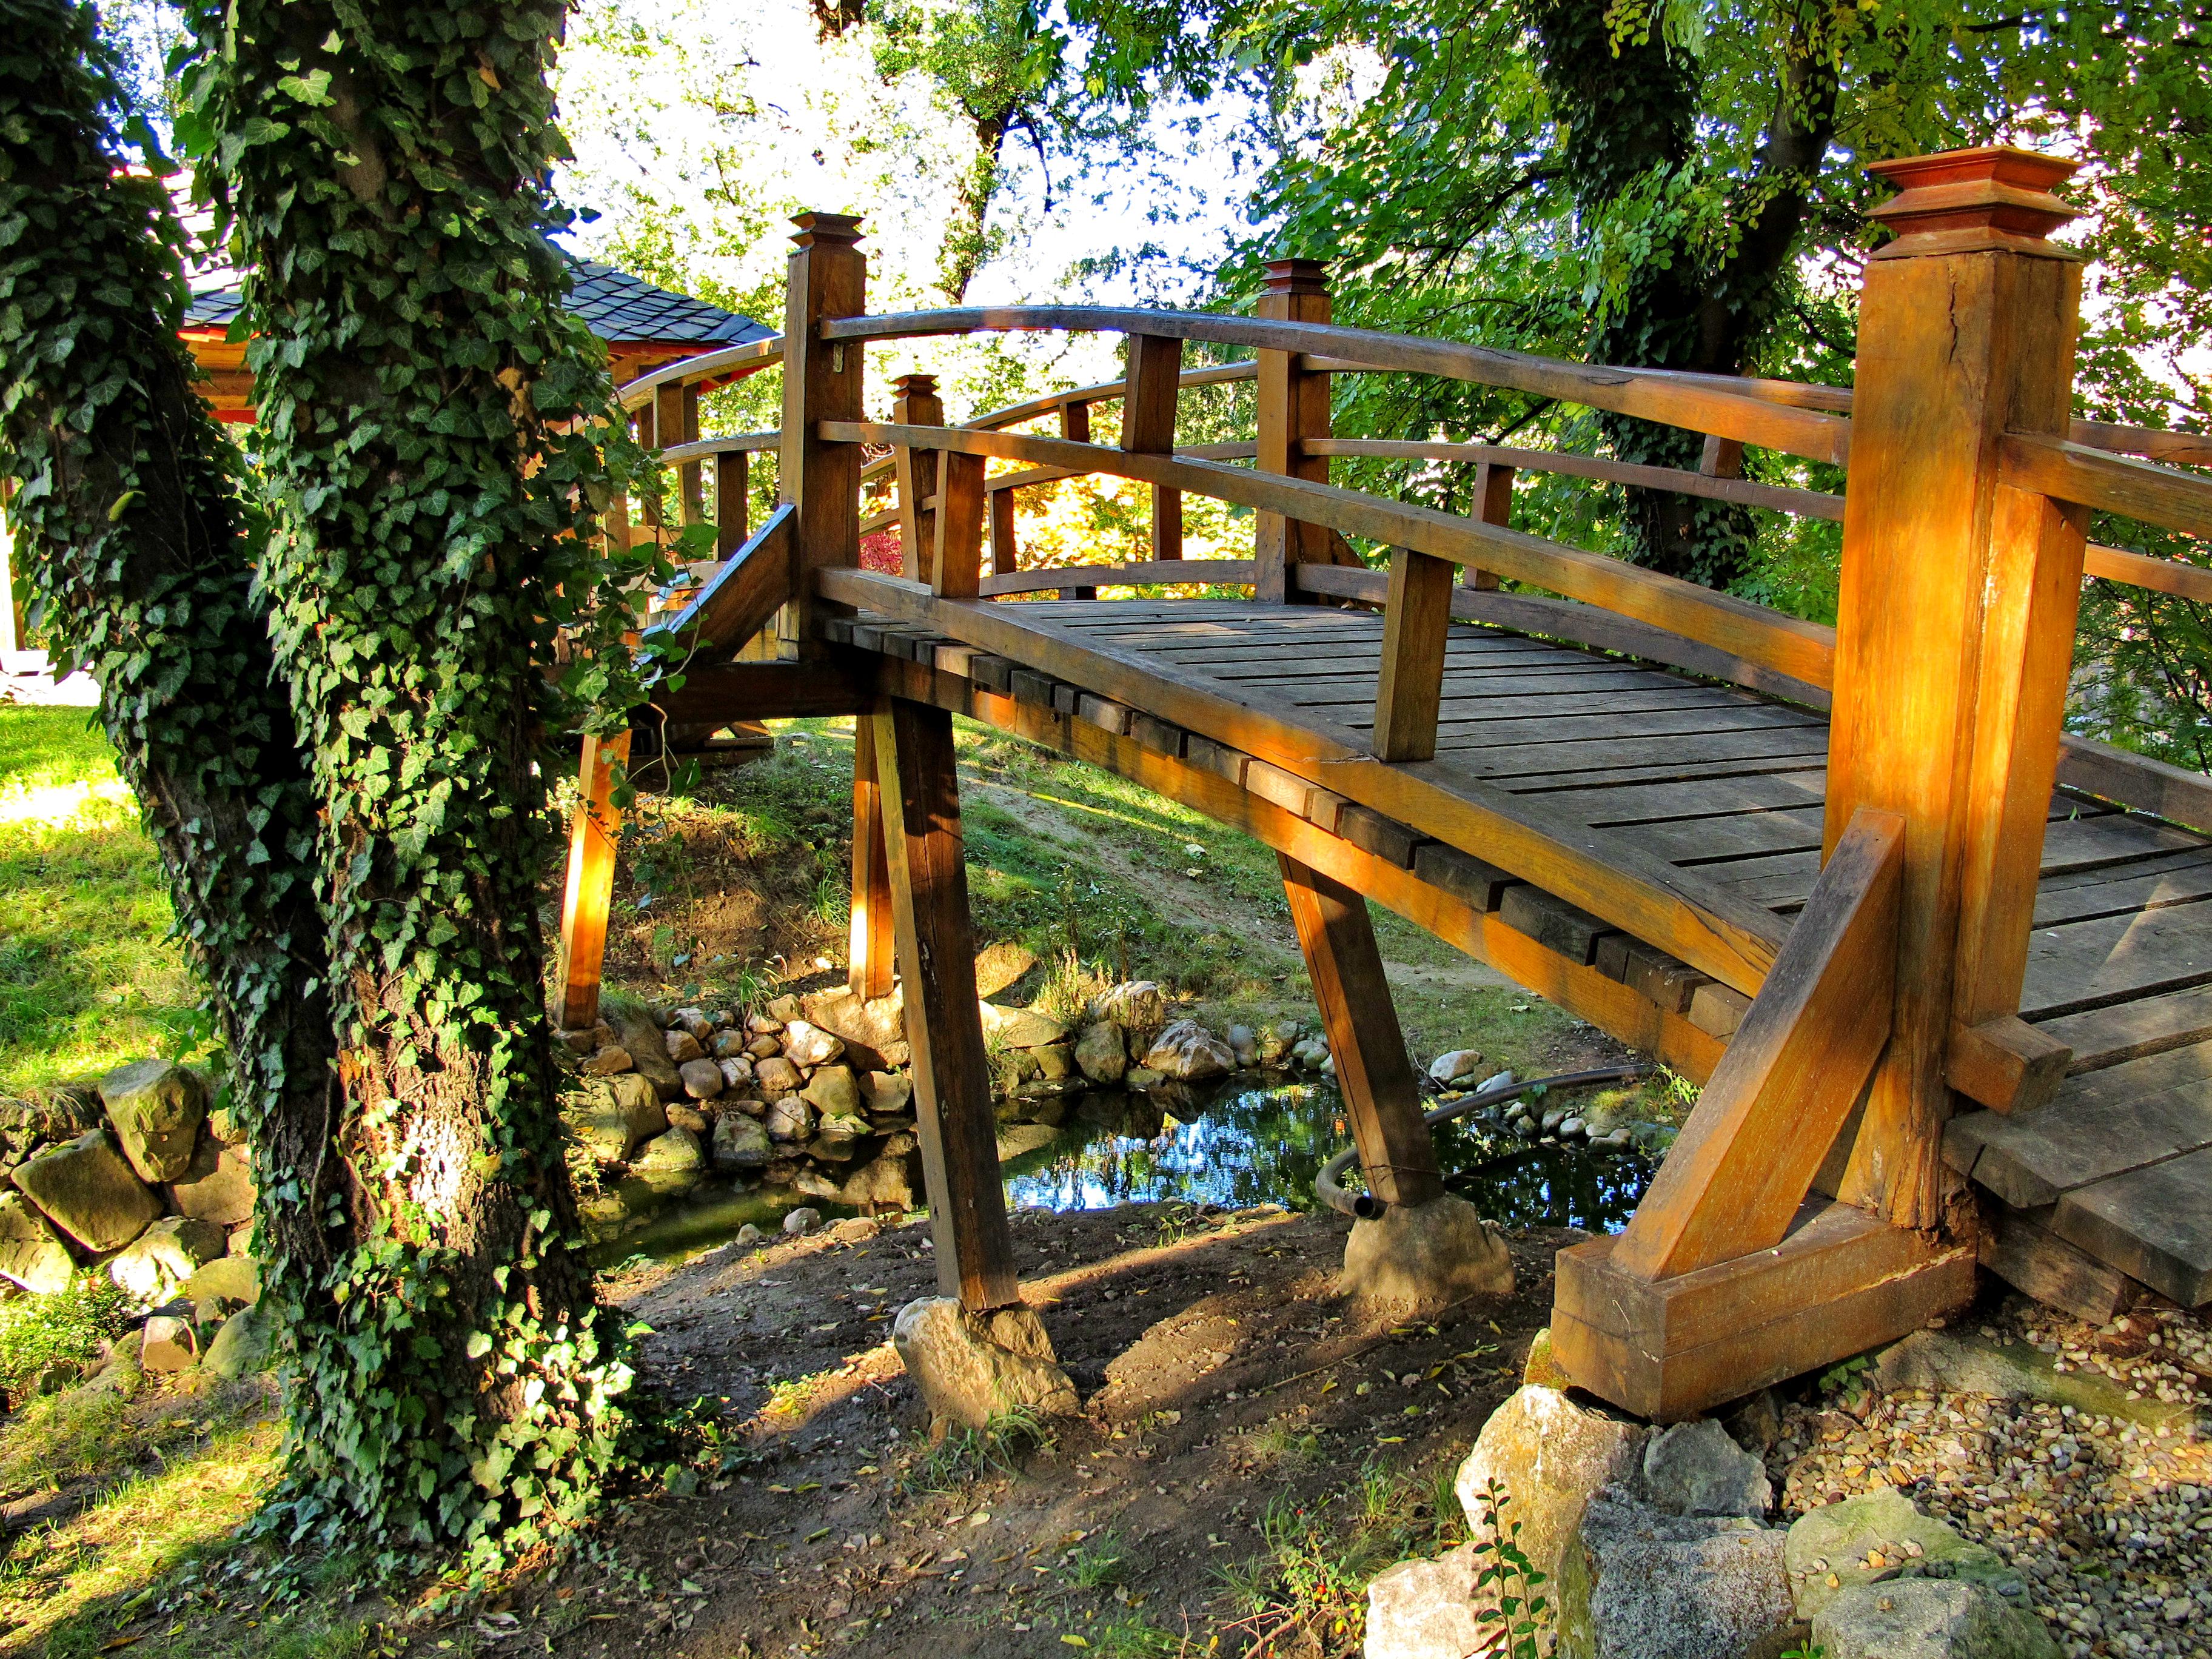 Botanička bašta Jevremovac, zaboravljeni raj u centru Beograda Botani%C4%8Dka_ba%C5%A1ta_Jevremovac%2C_Beograd_-_Japanski_vrt_21